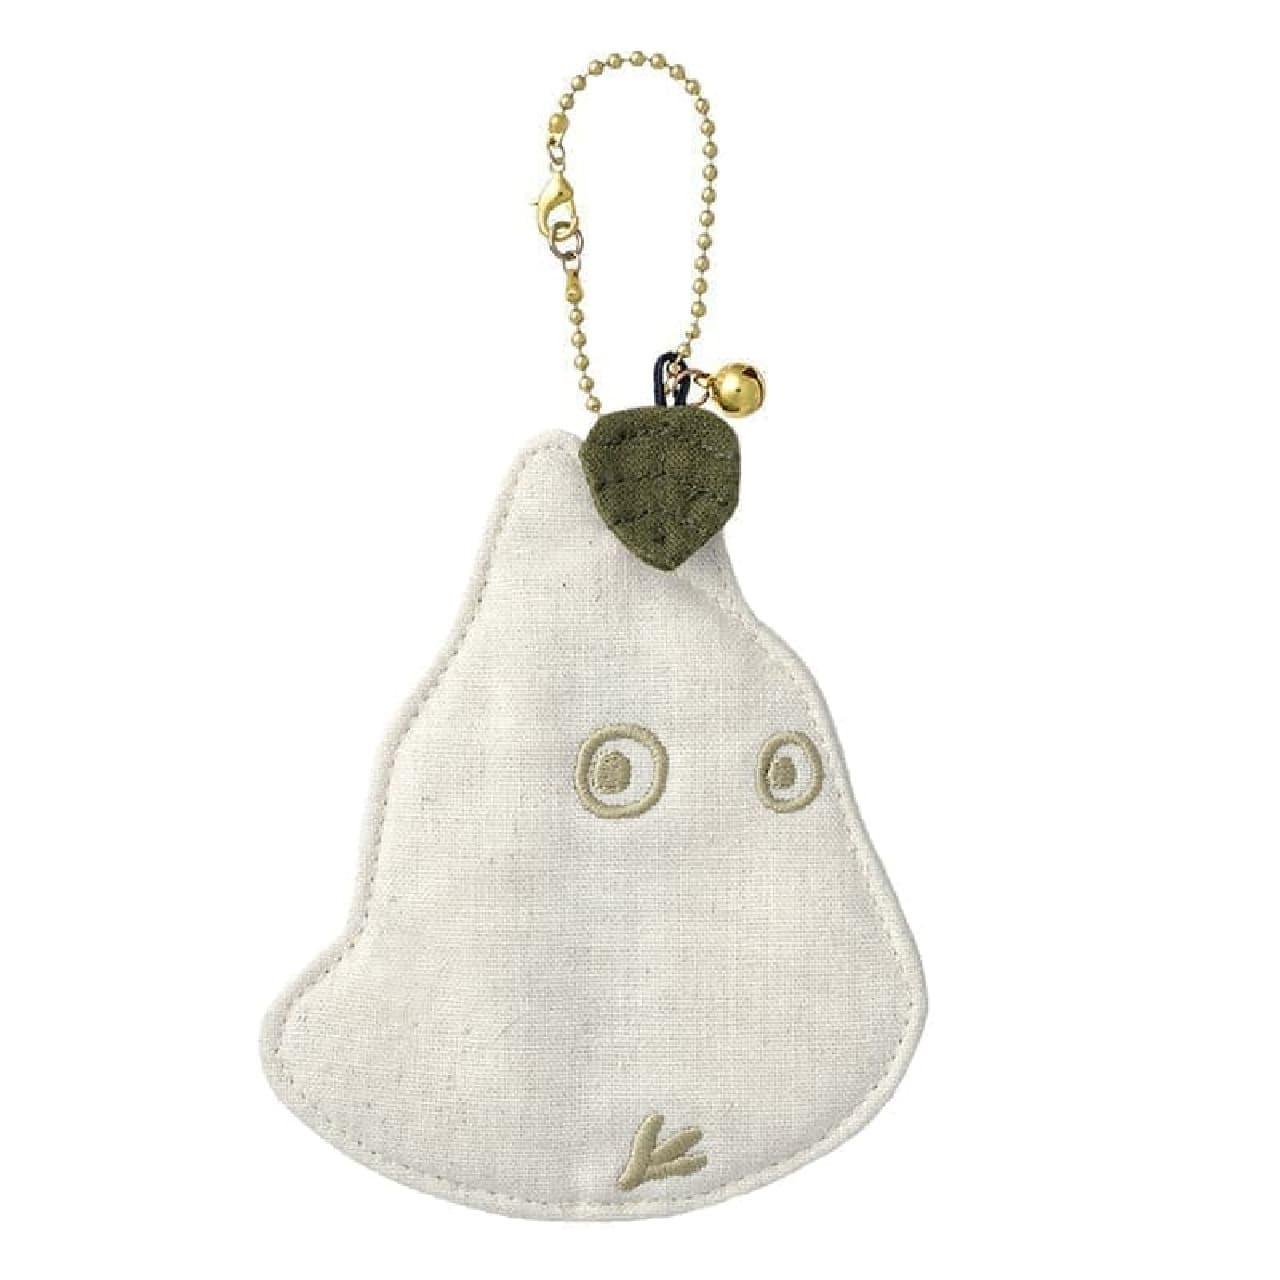 「となりのトトロ」のクリアバッグや巾着